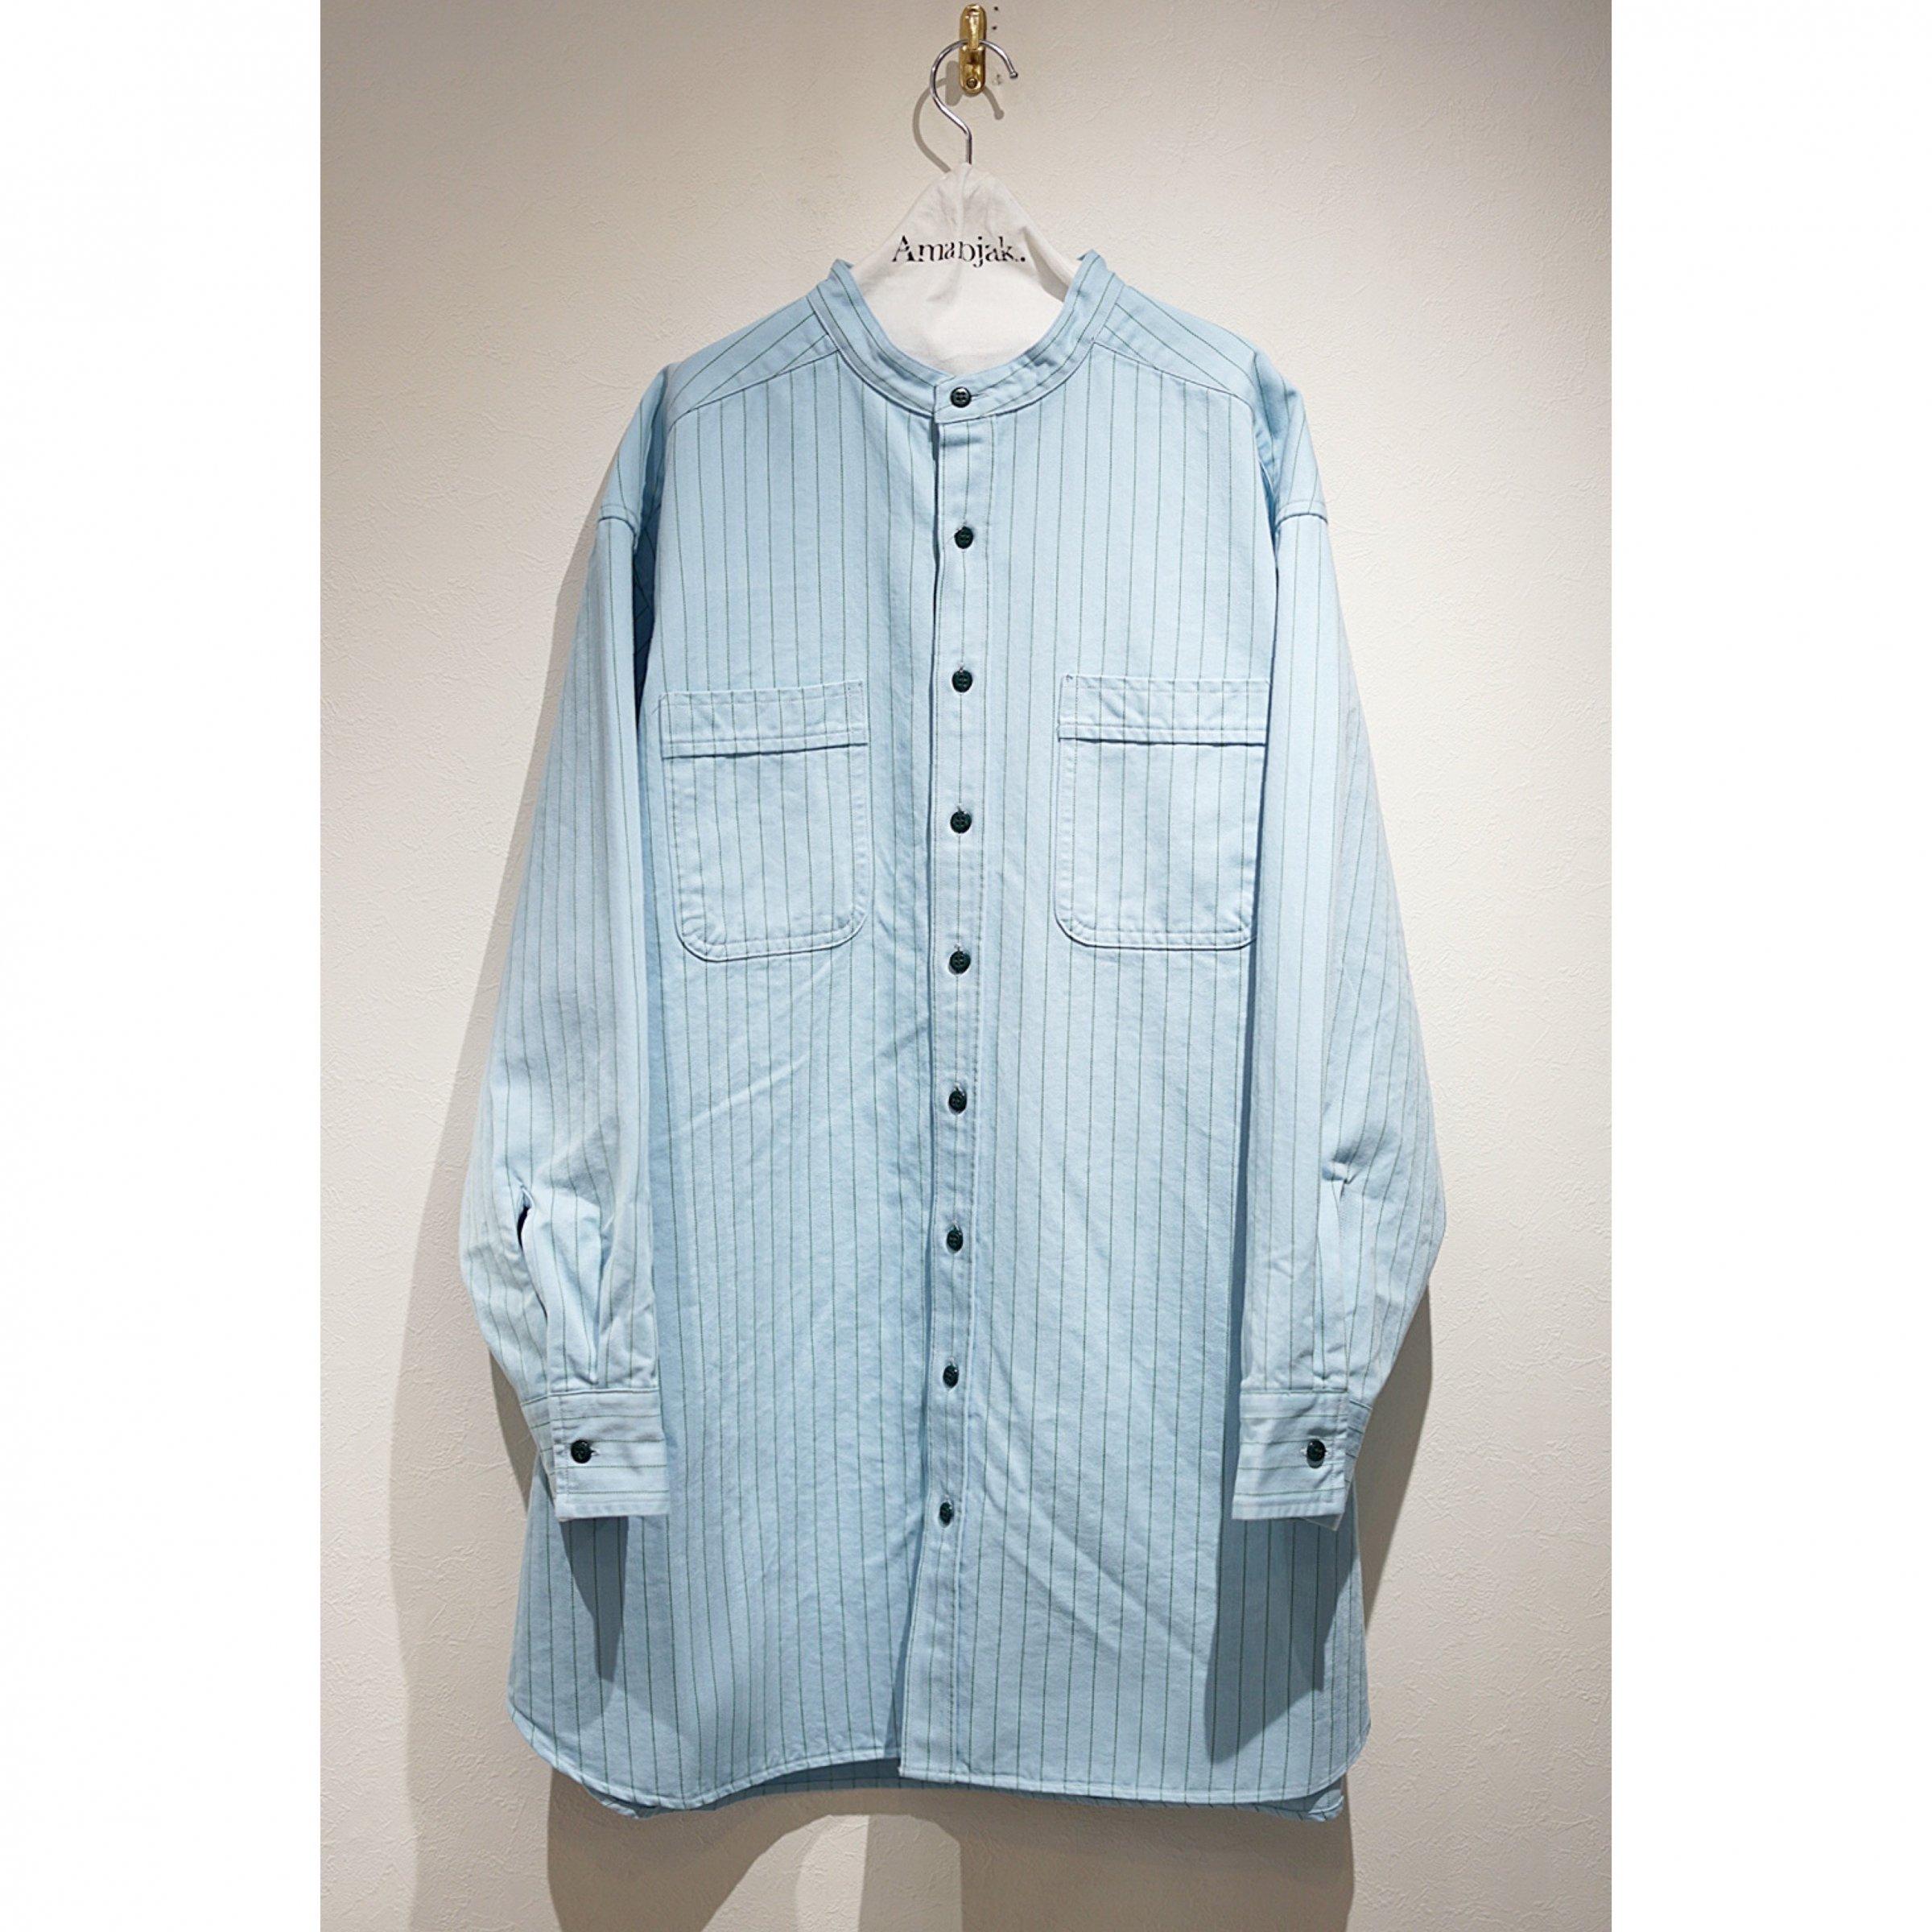 DRESS-NONSTANDARD SHIRT BLUE